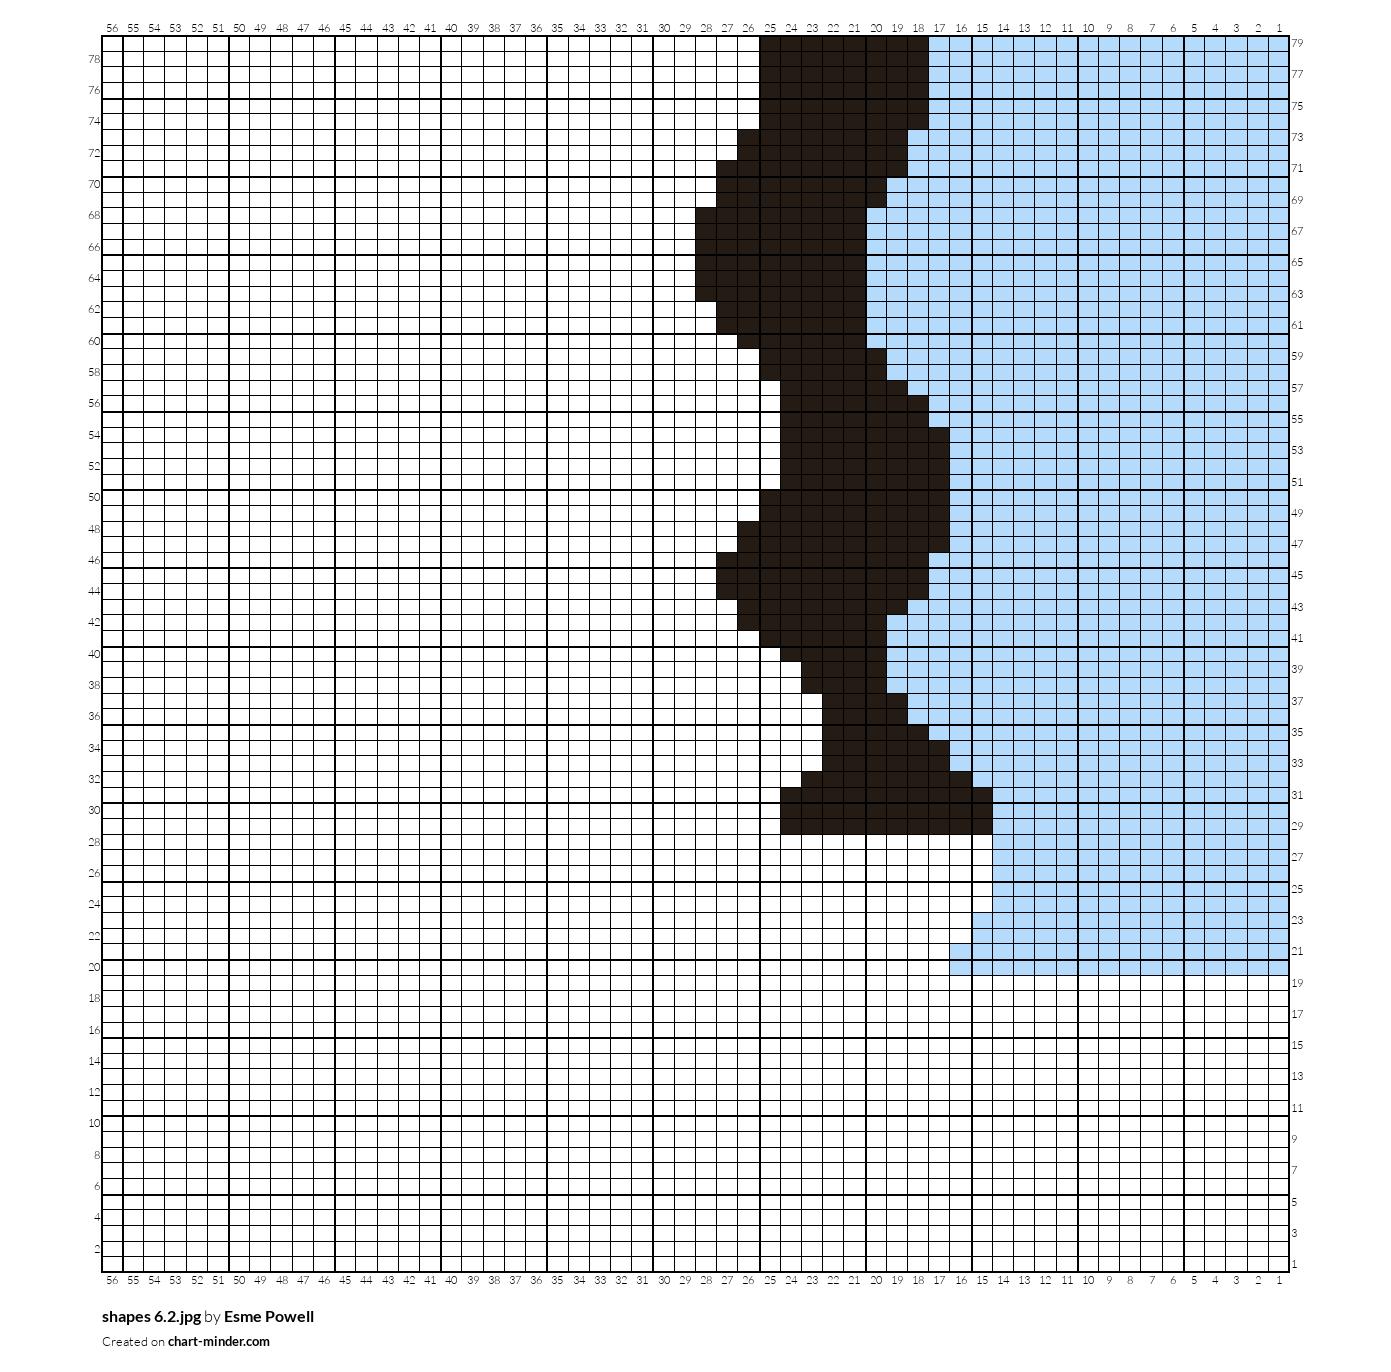 shapes 6.2.jpg